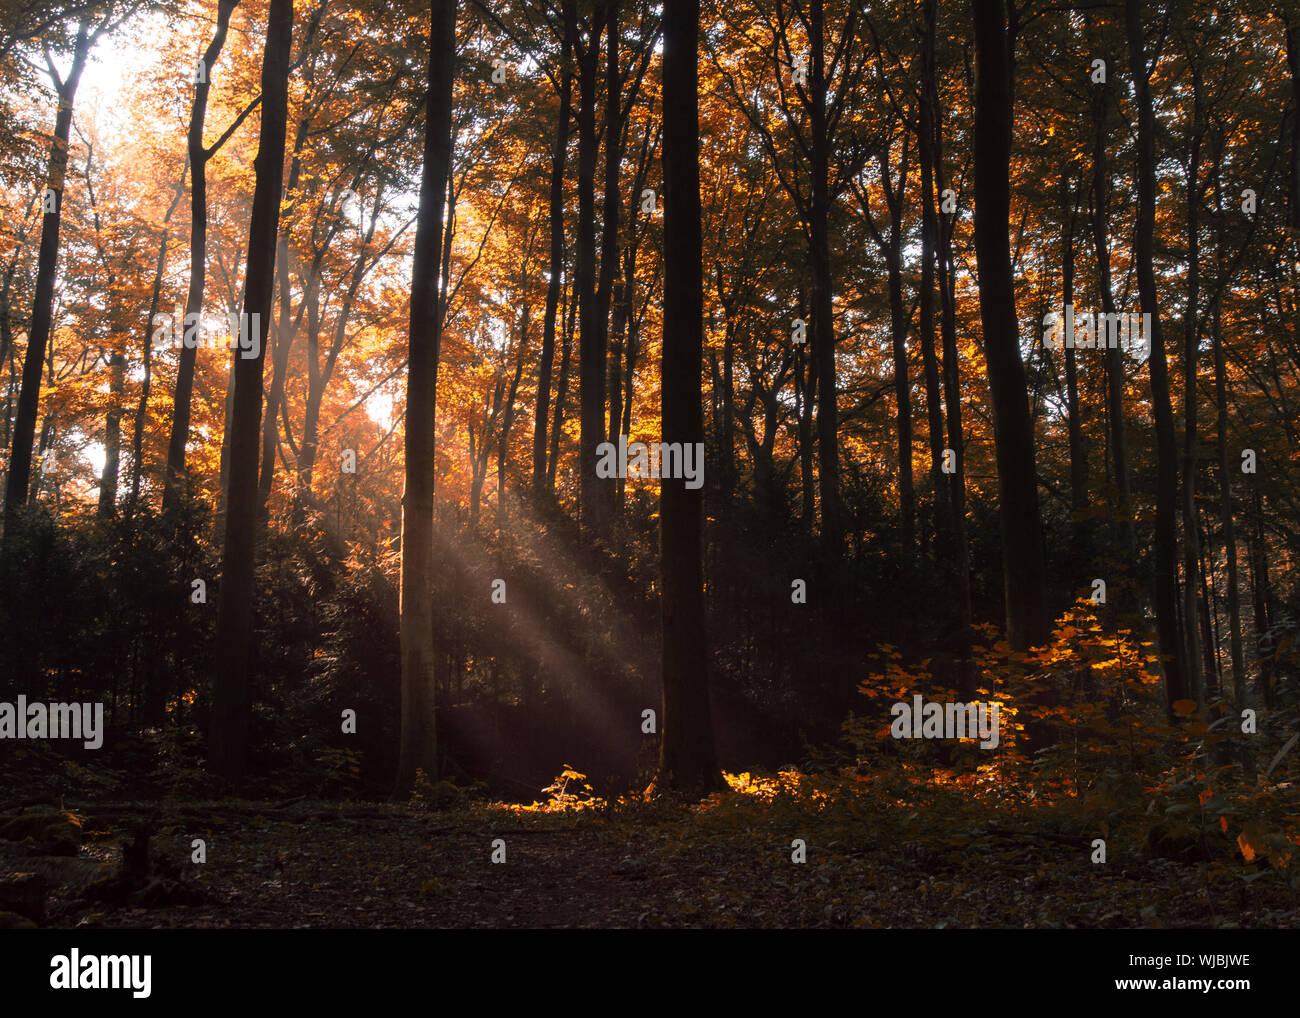 Gli alberi nelle foreste durante l'Autunno Foto Stock